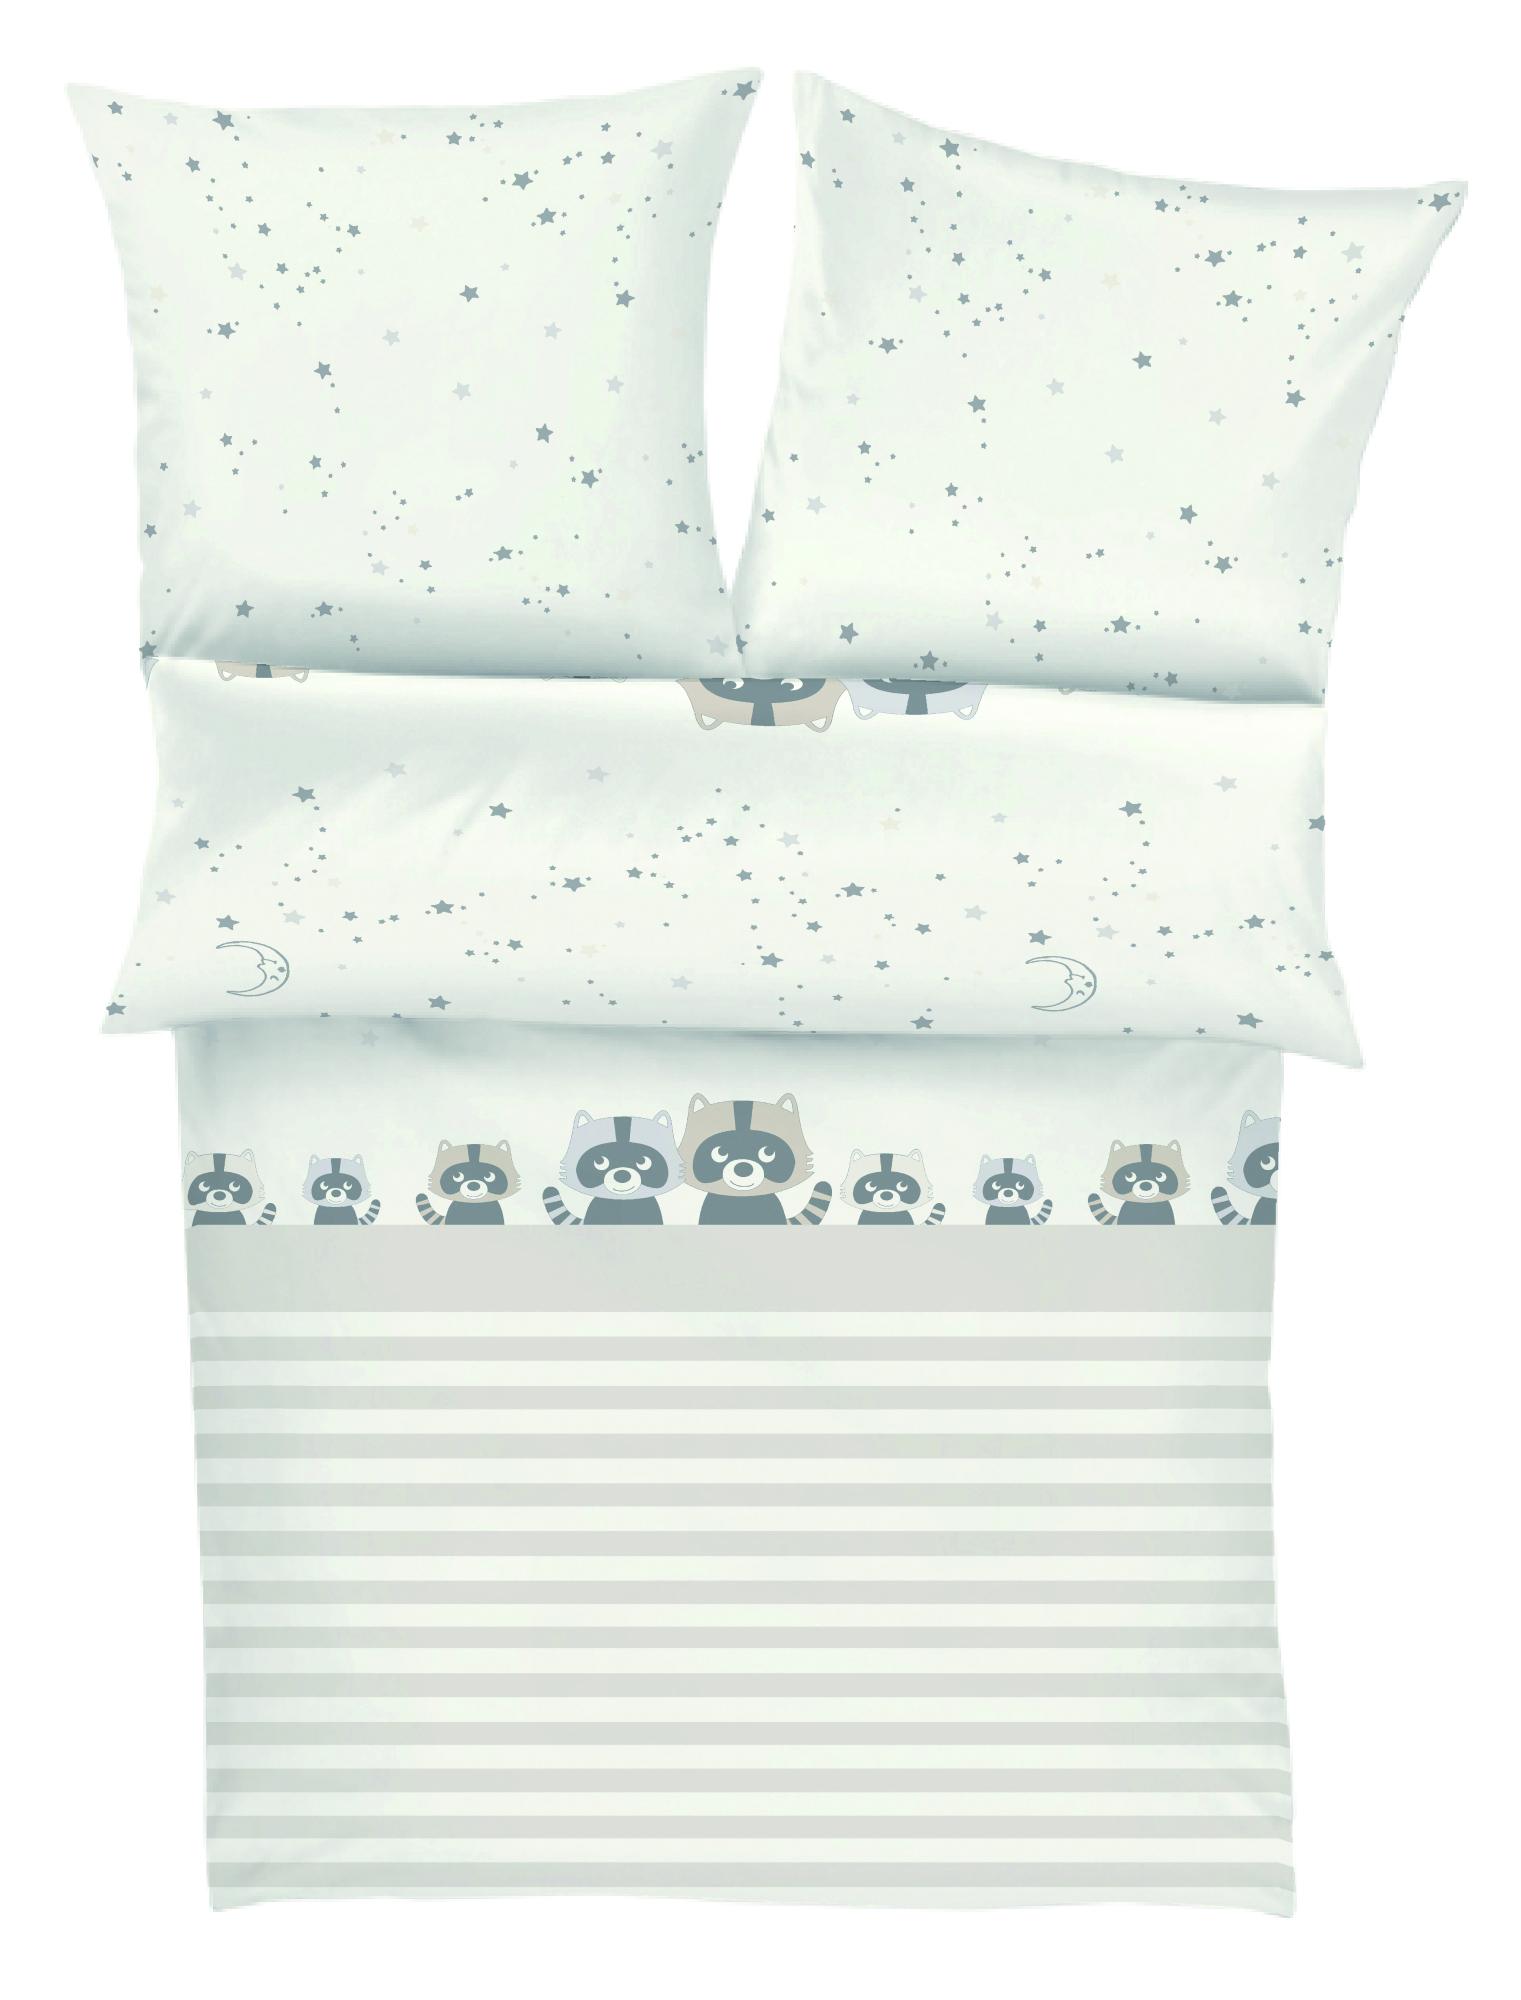 Babybettwäsche Hergestellt In Deutschland Babyausstattung Decke